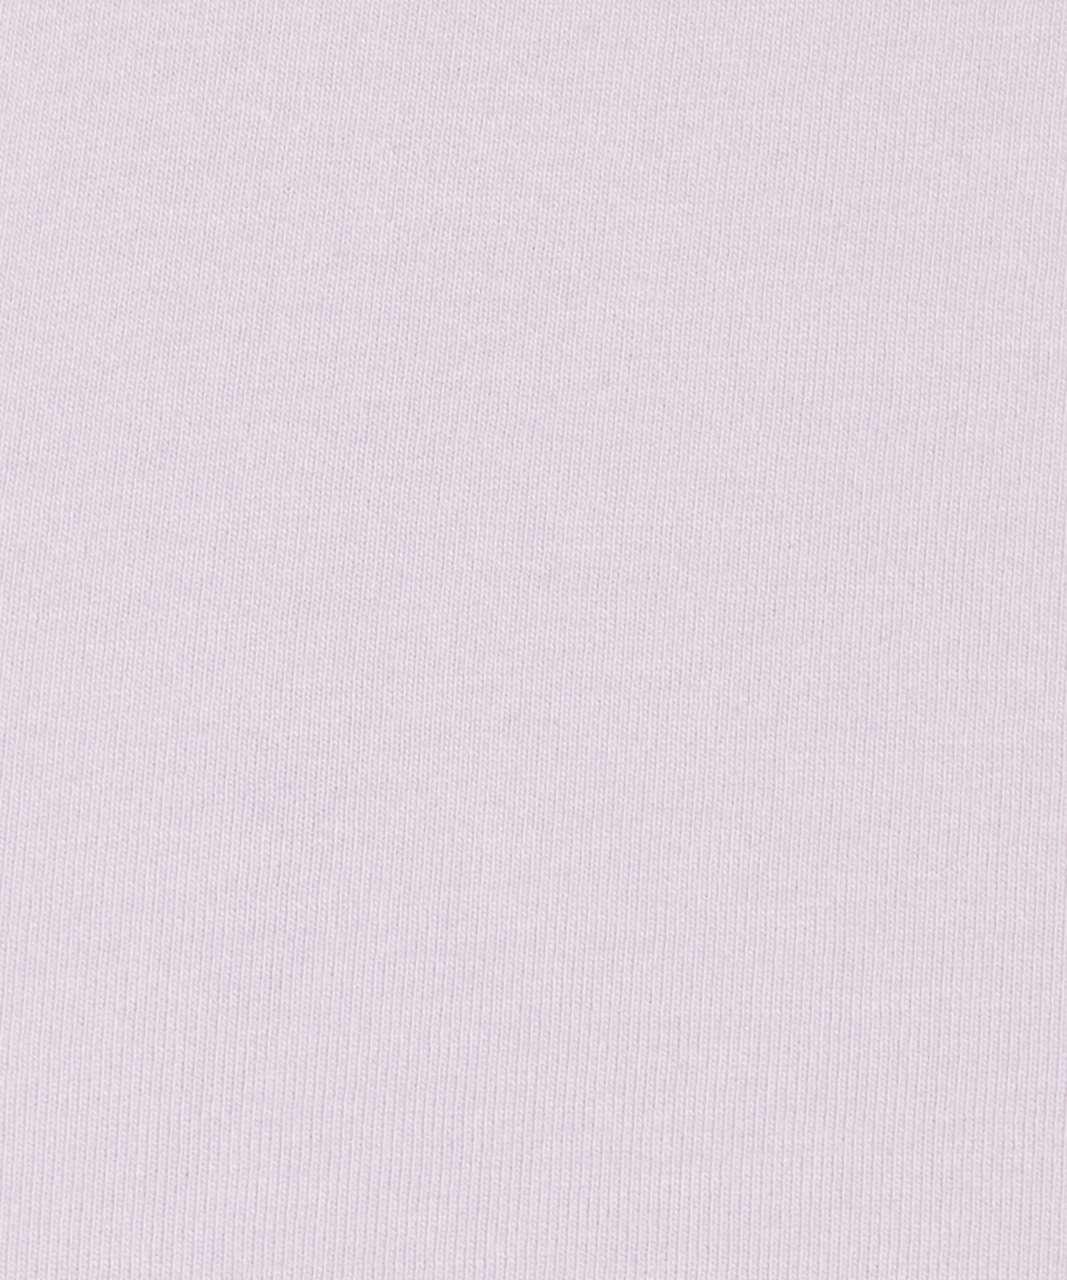 Lululemon Love Tank *Pleated - Iced Iris